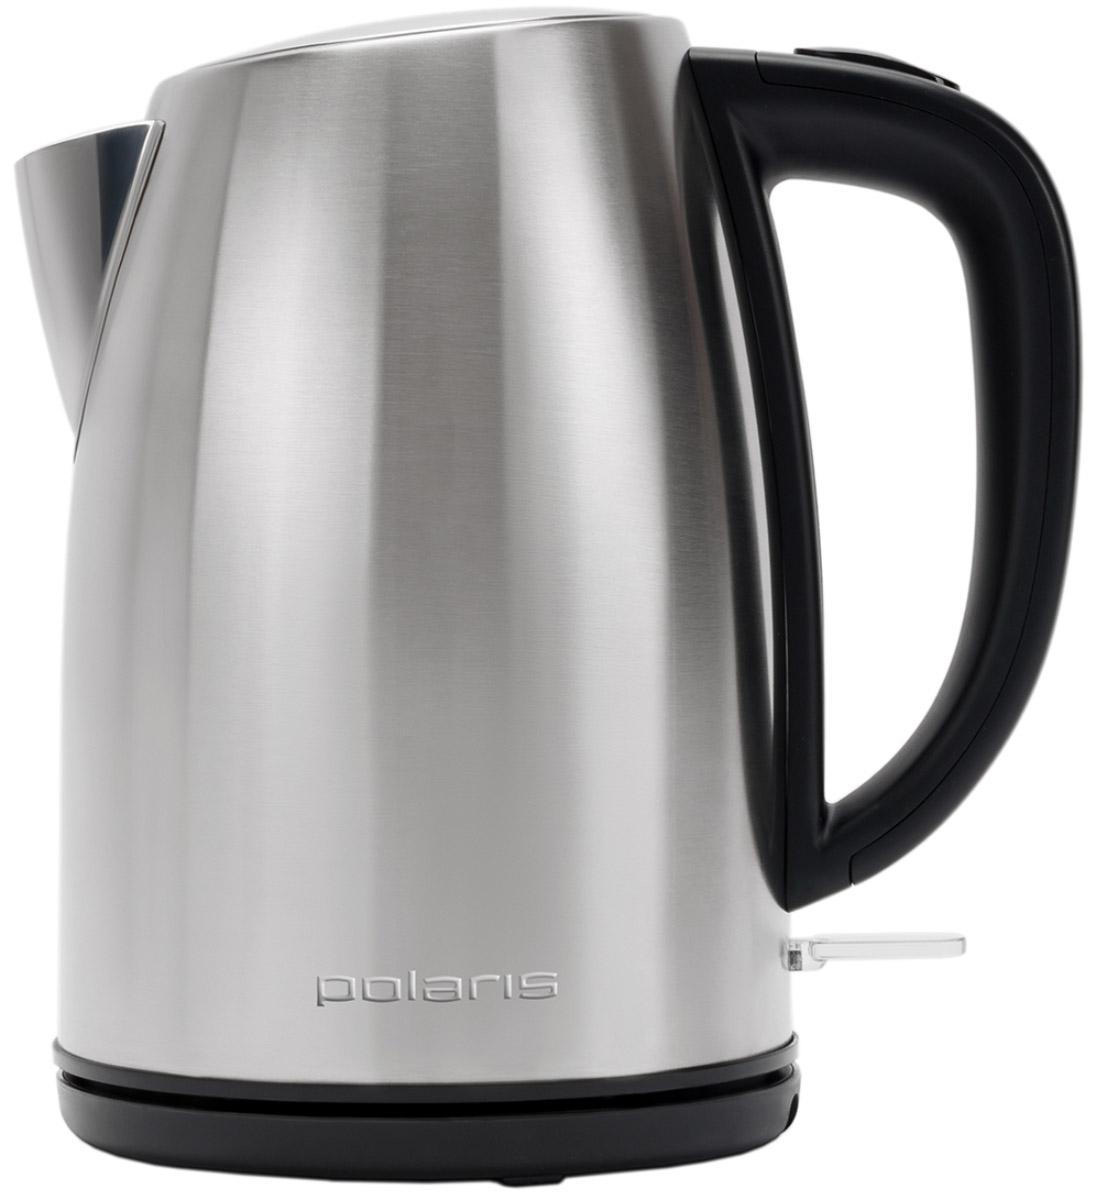 Polaris PWK 1870CA электрический чайник008501Электрический чайник Polaris PWK 1870CA в стильном корпусе из высококачественной нержавеющей стали создаст особую атмосферу и подчеркнет индивидуальность вашей кухни.Мощный нагревательный элемент позволяет вскипятить 1,8 литра воды за считанные минуты.Съемный моющийся фильтр предотвращает попадание мелких частиц накипи в чашку, благодаря чему вода всегда будет чистой и приятной на вкус.Функция автоматического отключения при закипании или недостаточном количестве воды обеспечивает безопасное использование прибора и экономию электроэнергии.